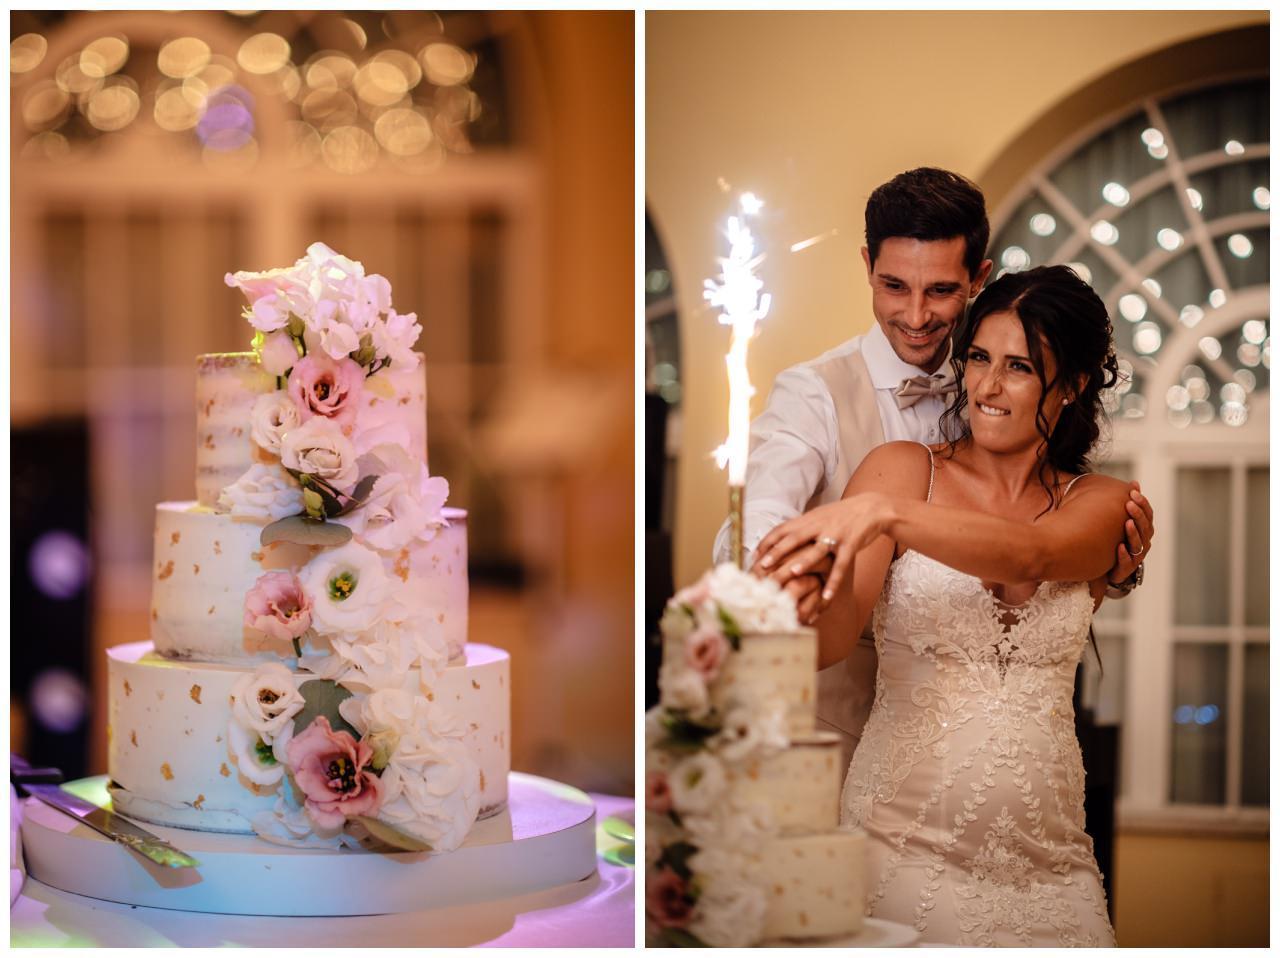 Hochzeit kroatien heiraten split ausland hochzeitsfotograf 75 - Freie Trauung in Kroatien